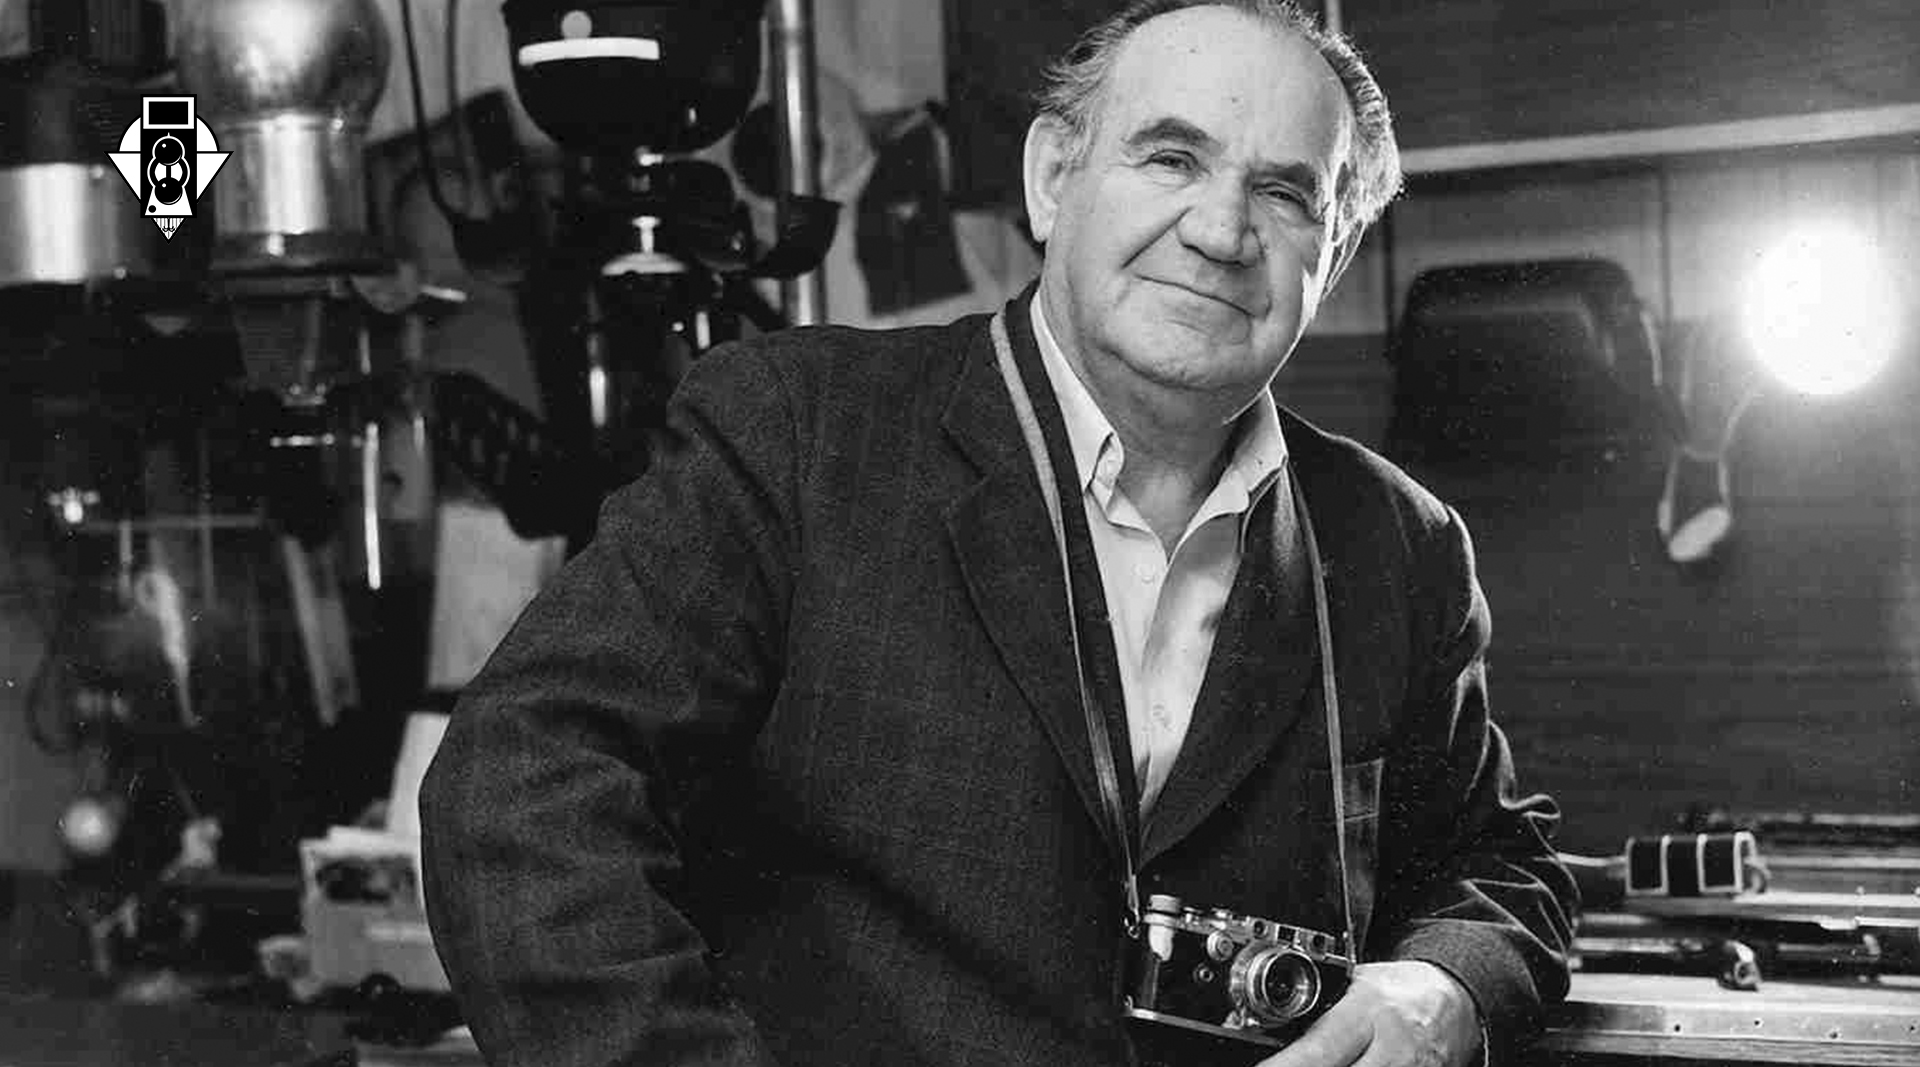 Евгений Халдей. Один из самых известных репортажников XX столетия